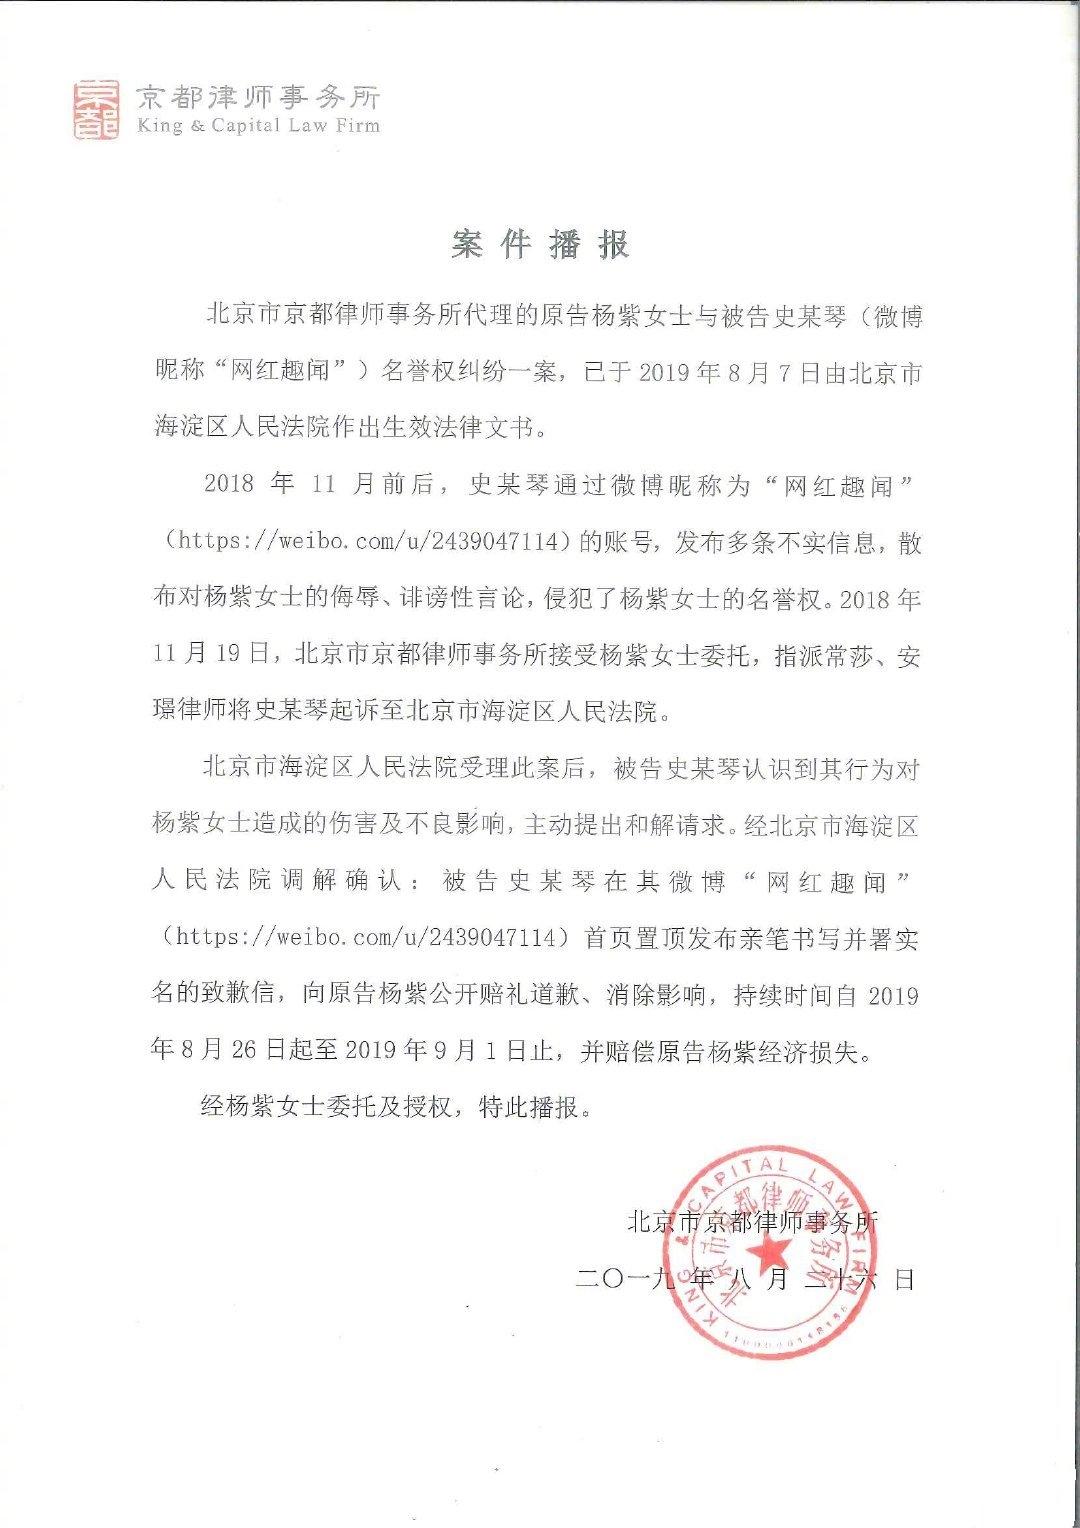 杨紫名誉权案胜诉,被告人置顶微博道歉信,网友:道歉给谁看?